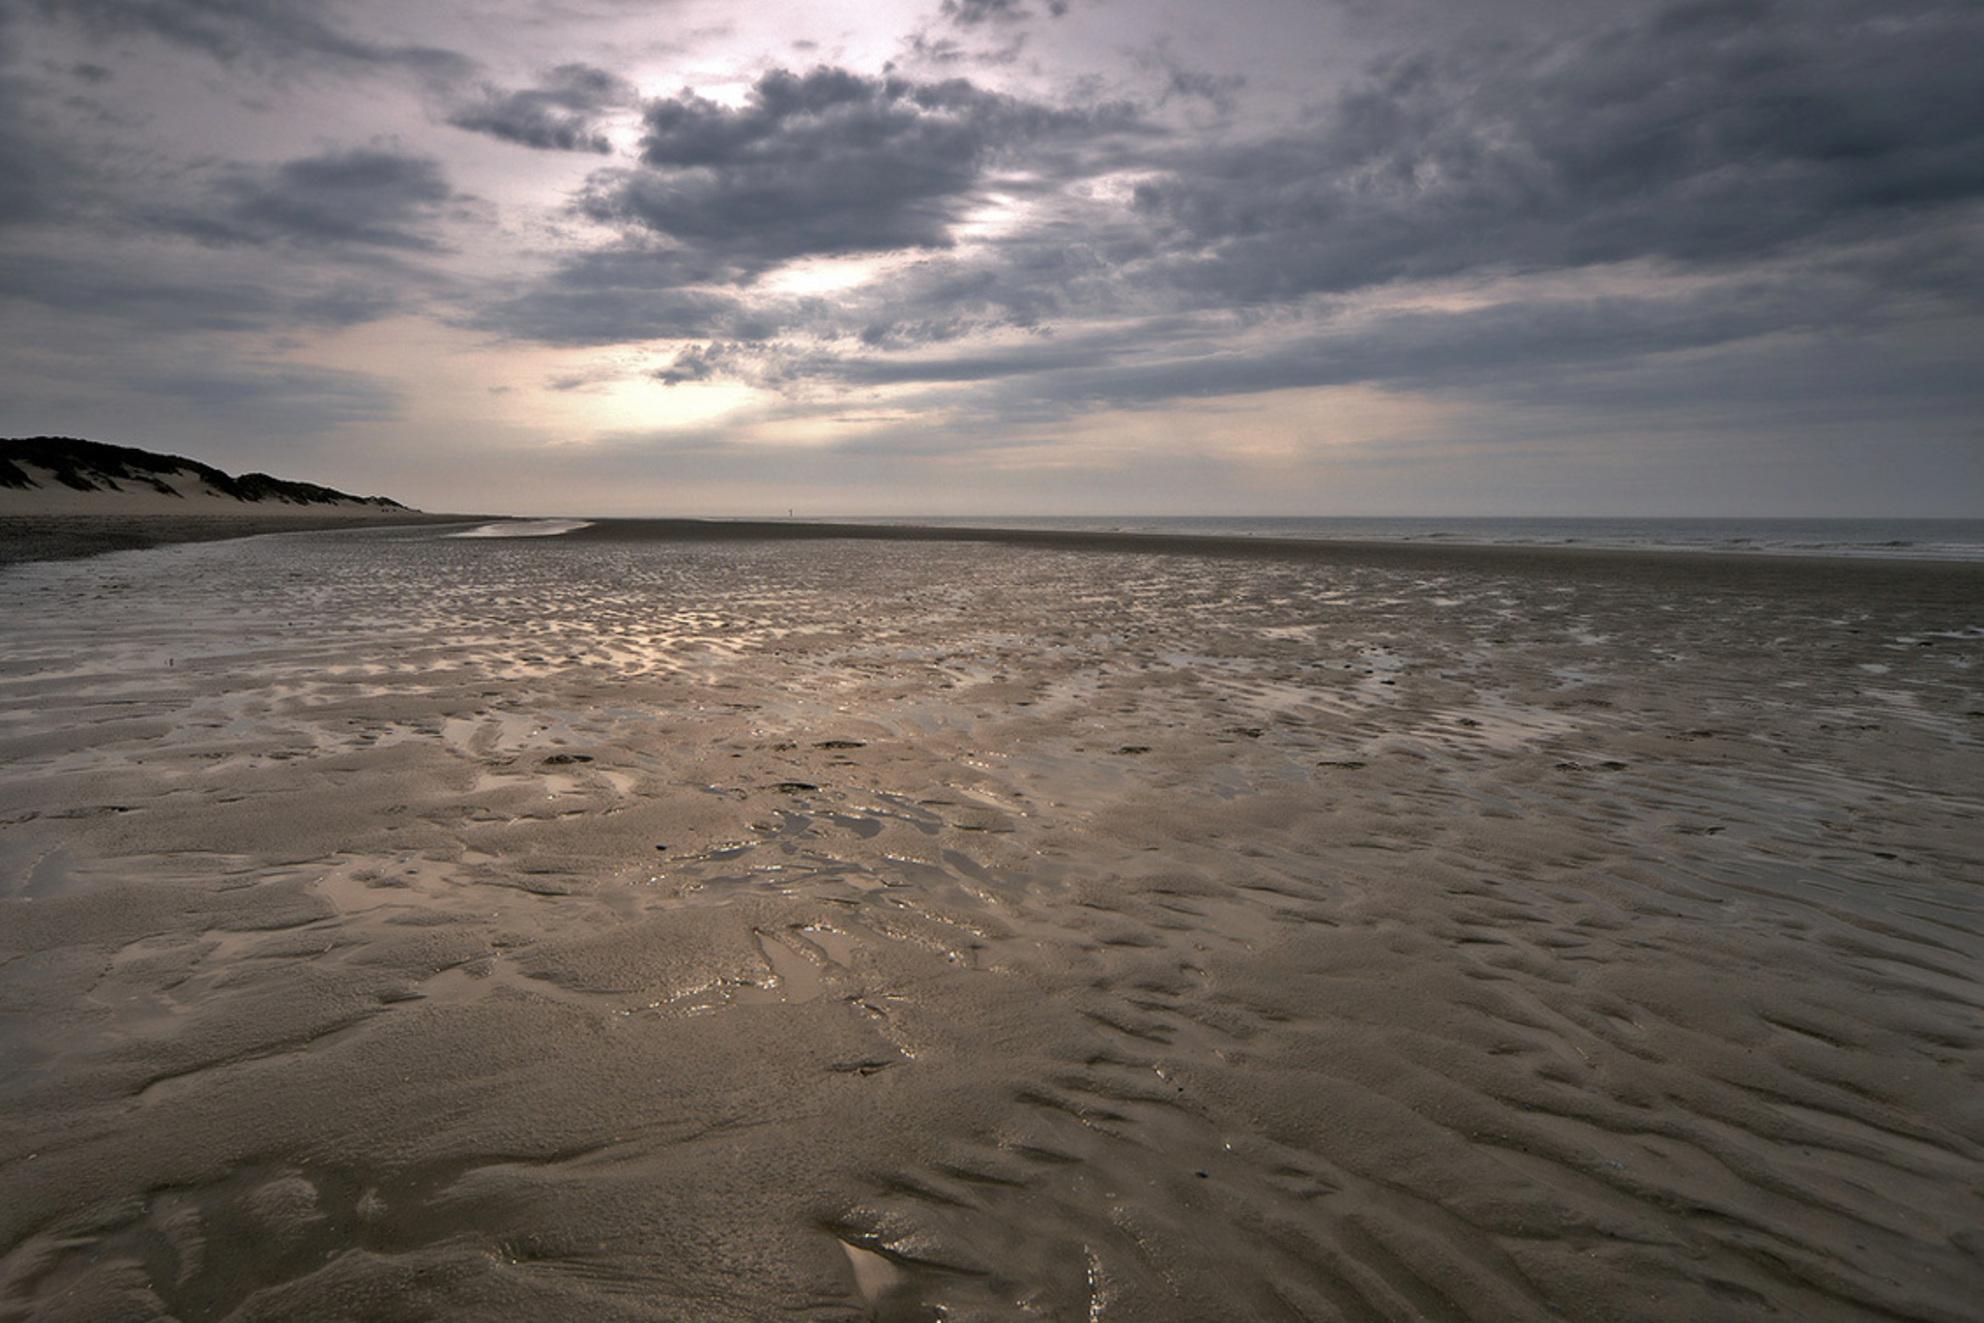 Haamstede - Als de dagen vol  schoonheid zijn  En ik geniet van de  …. - foto door ymkrit op 30-03-2014 - deze foto bevat: wolken, strand, water, avond, duinen, zand - Deze foto mag gebruikt worden in een Zoom.nl publicatie